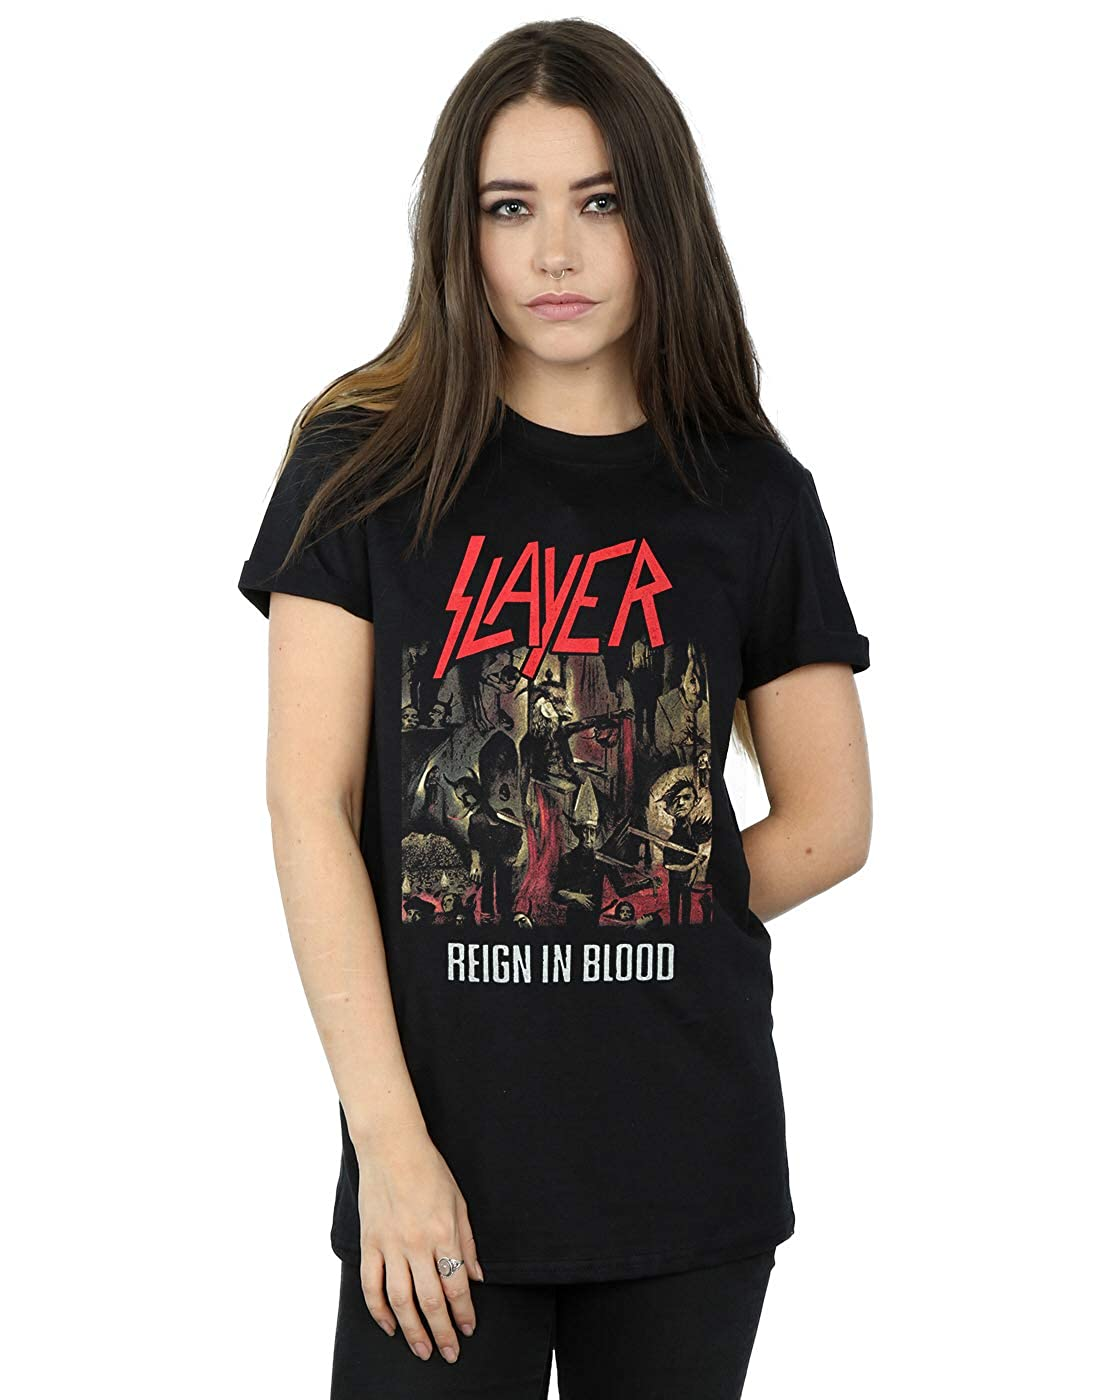 Slayer Mujer Reign In Blood Camiseta del Novio Fit